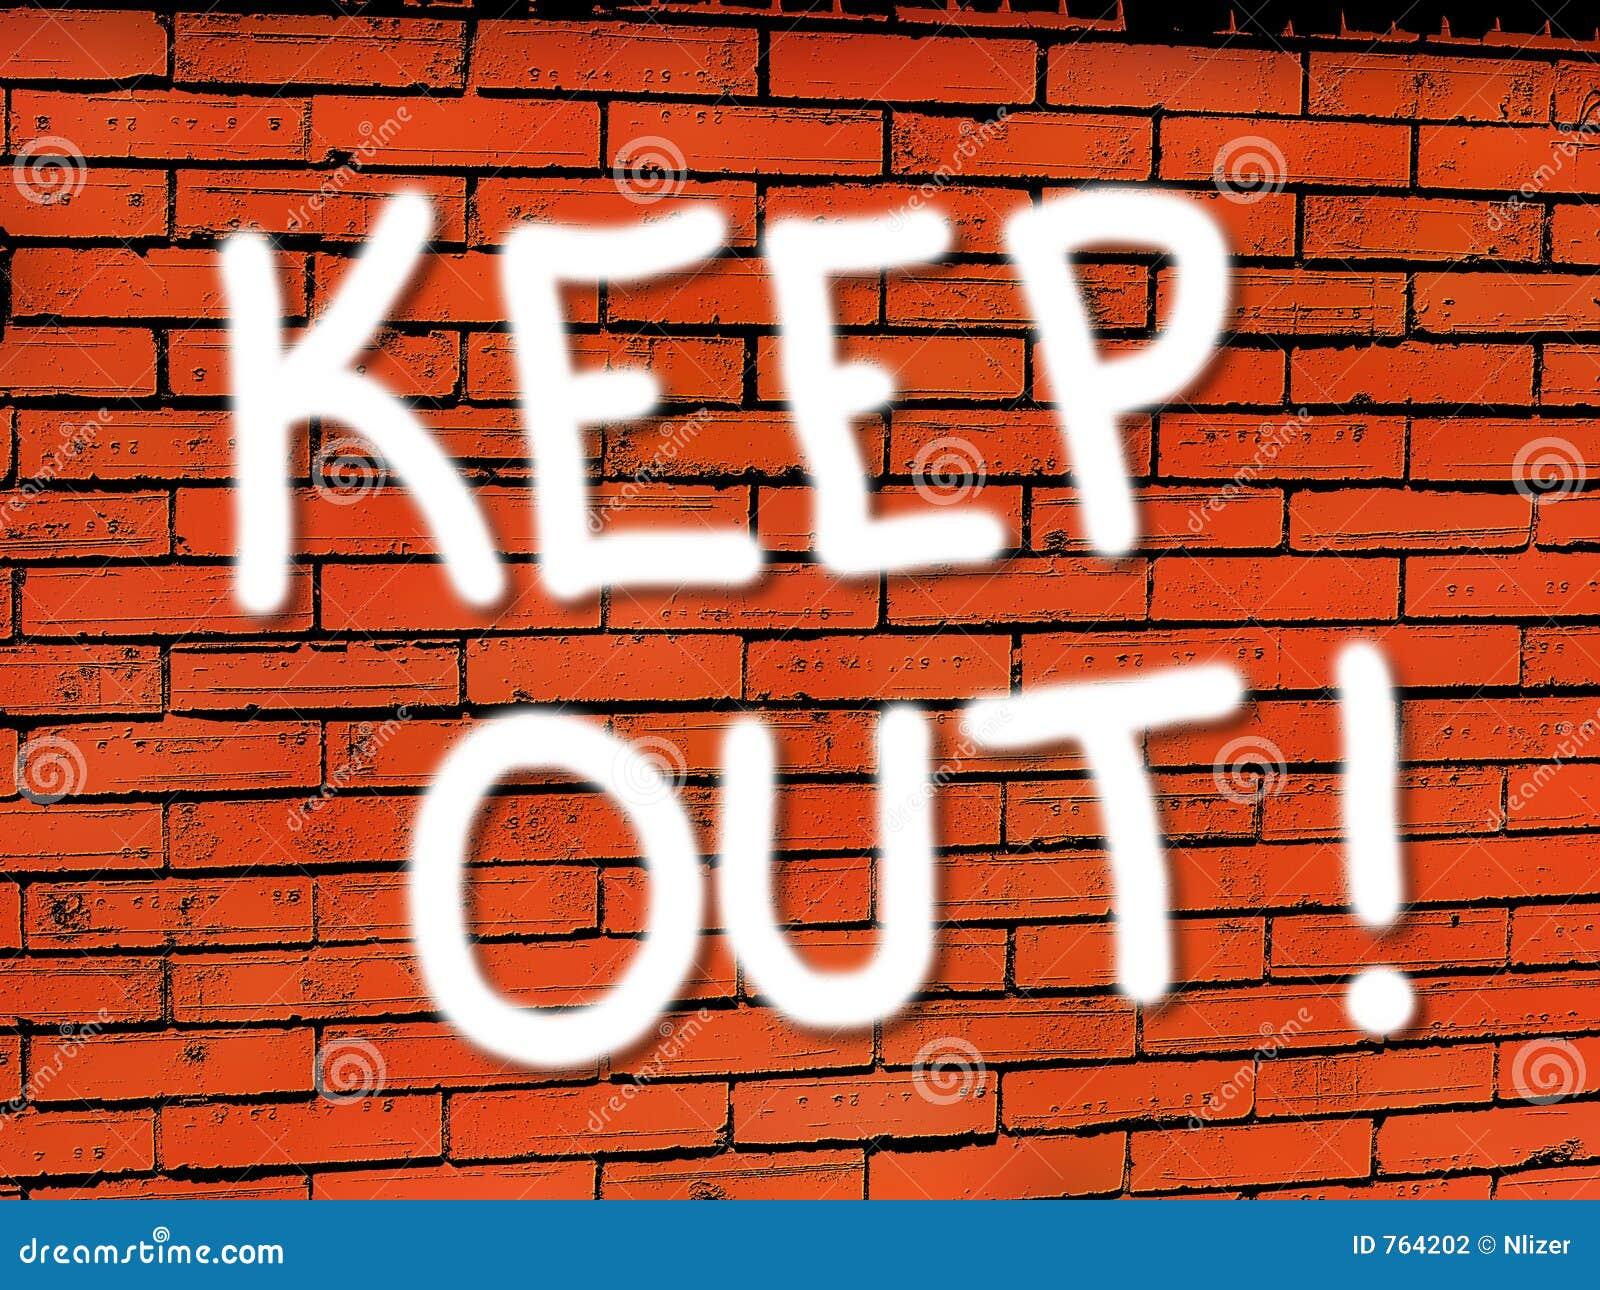 Il muro di mattoni vibrante impedice di entrare la carta for Carta da parati muro di mattoni